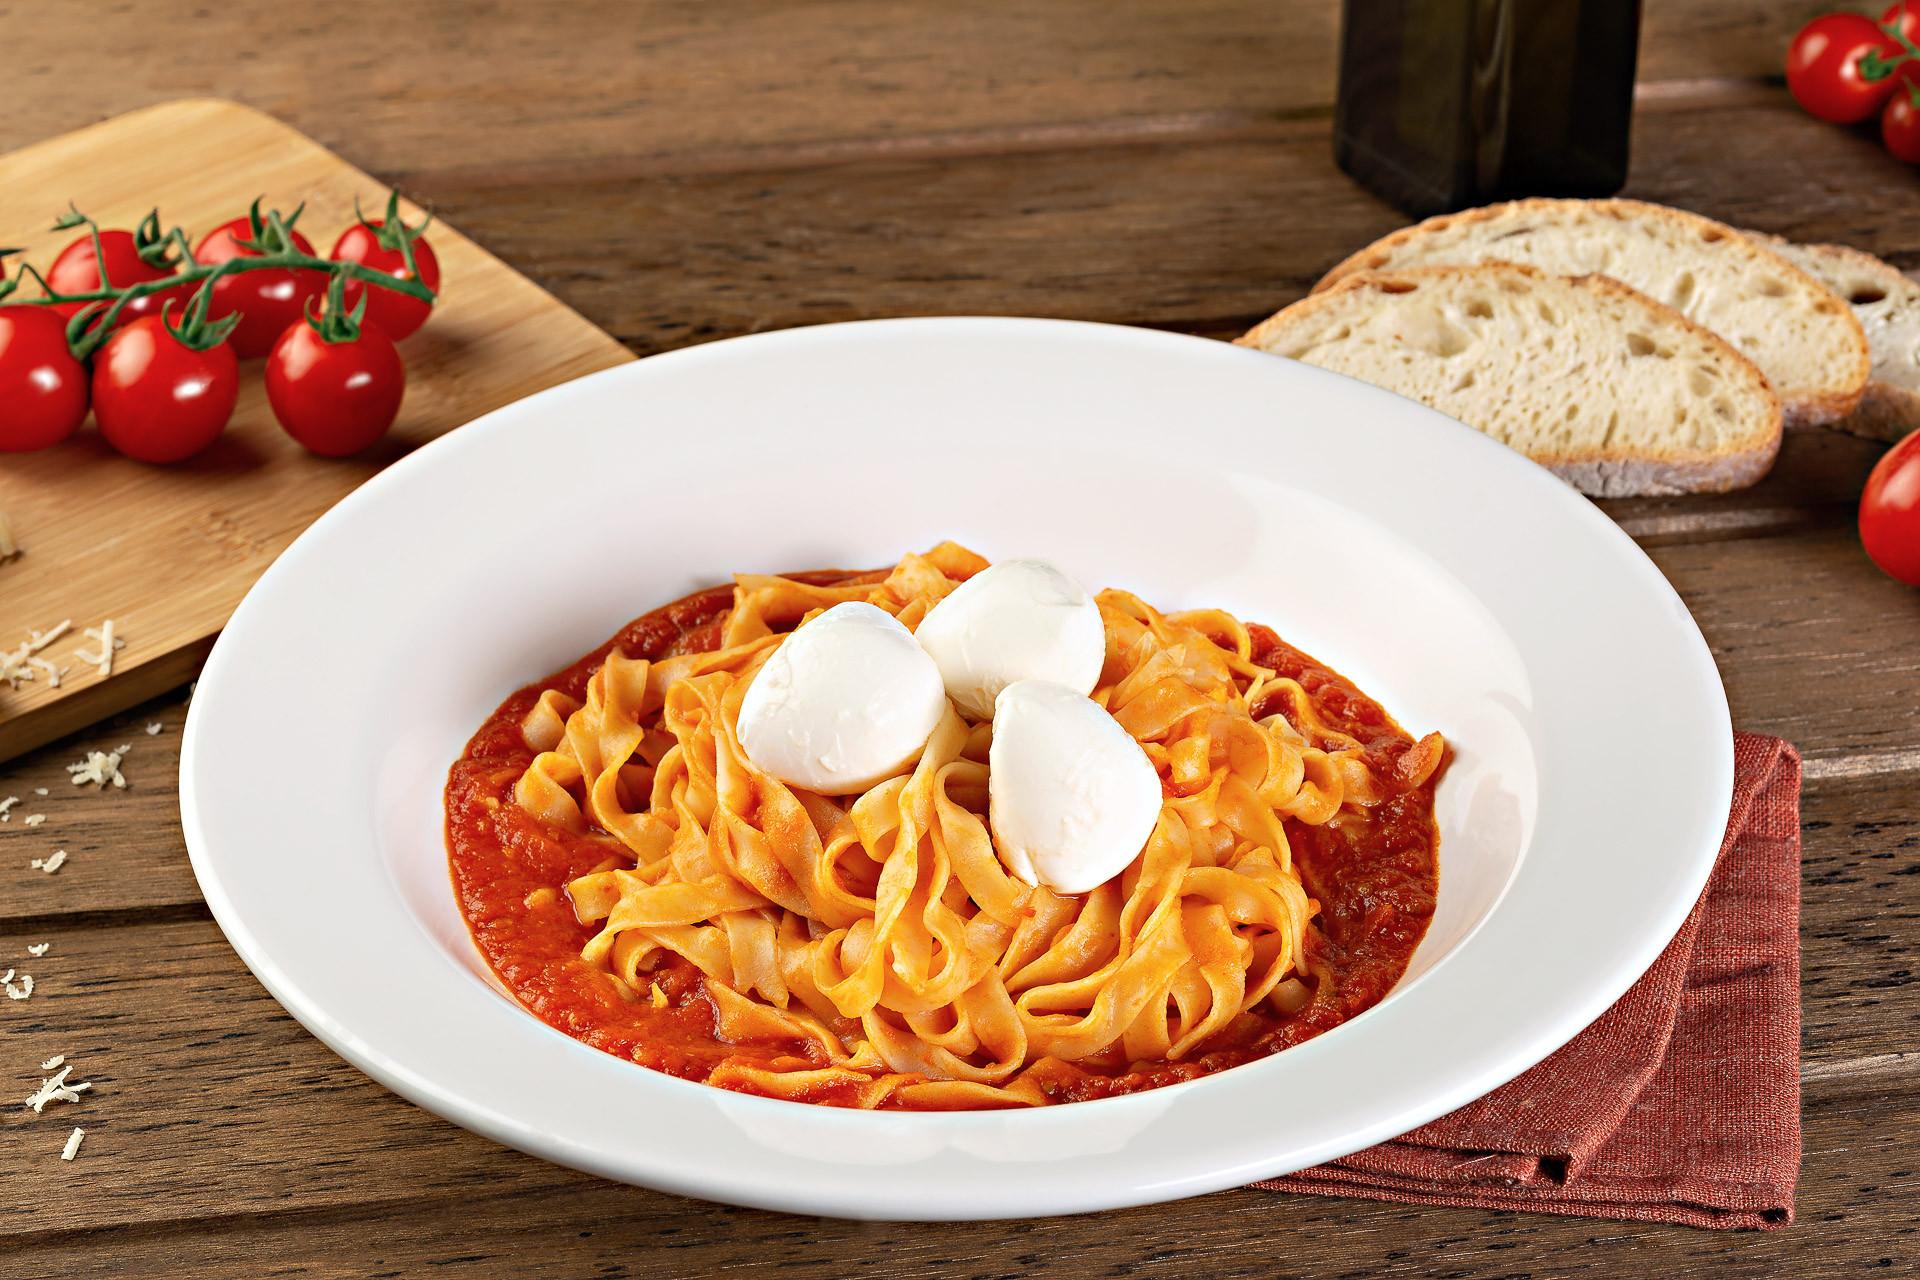 180711_Pizzeria-Italy_141 PS.jpg